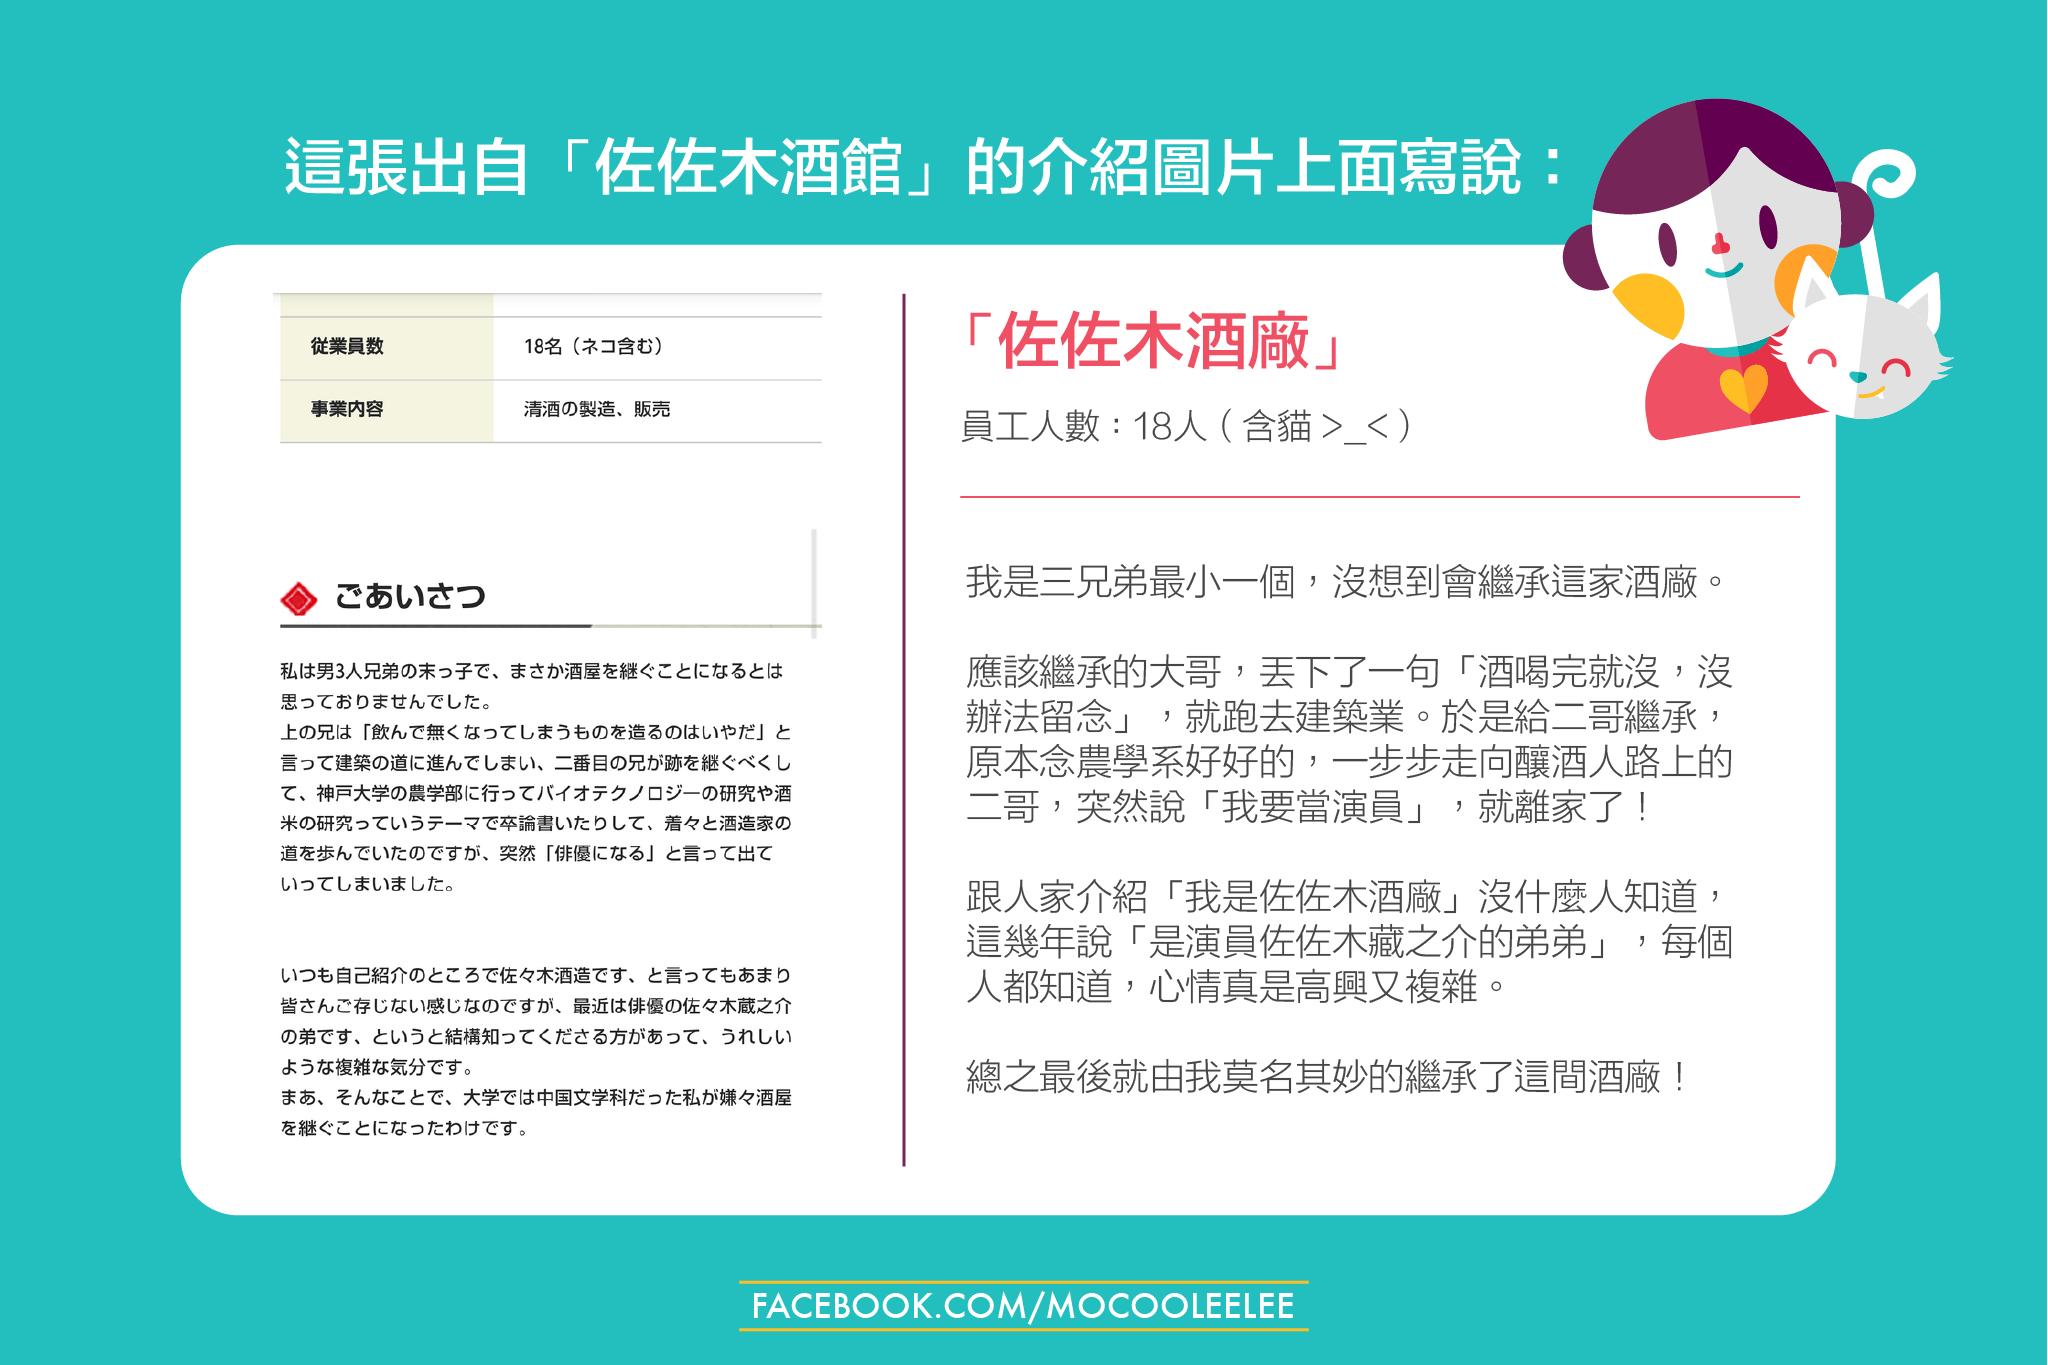 「佐佐木酒廠」